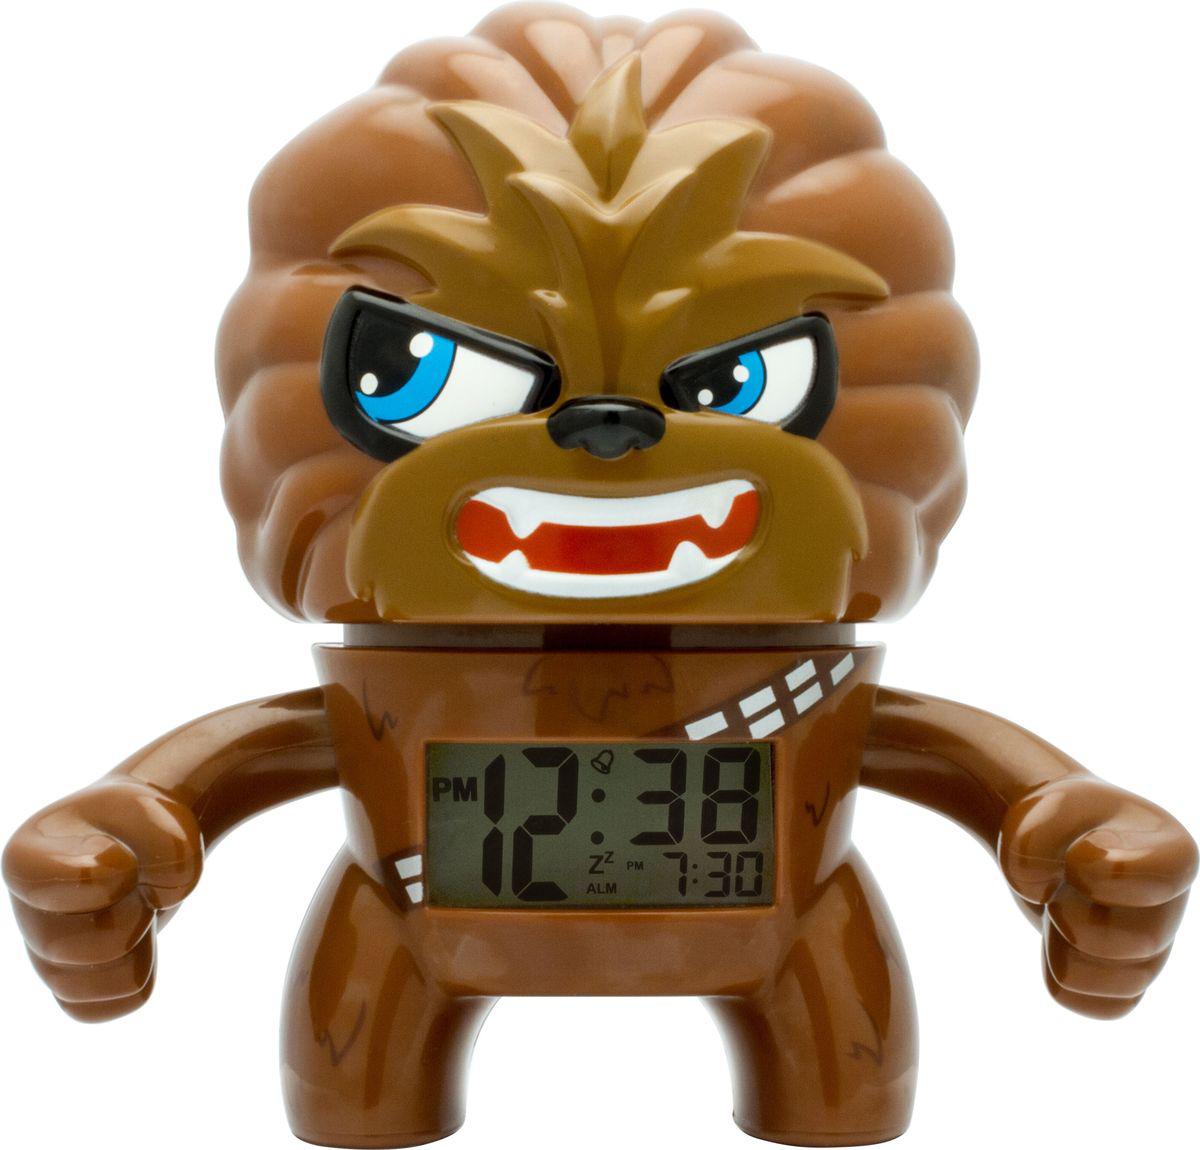 Star Wars BulbBotz Будильник детский Chewbacca2020077BulbBotz (дословно лампа бот) - будильник в виде минифигуры любимого героя Звёздных Войн, по форме напоминающий лампу накаливания, оснащен цифровым дисплеем с подсветкой и функцией отсрочки звукового сигнала. Для того, чтобы включить/выключить будильник, нужно нажать на голову минифигуры, которая также подсвечивается! В комплект входят 2 батарейки (ААА). Рекомендуемый возраст: от 6 лет.Высота минифигуры: 19 см